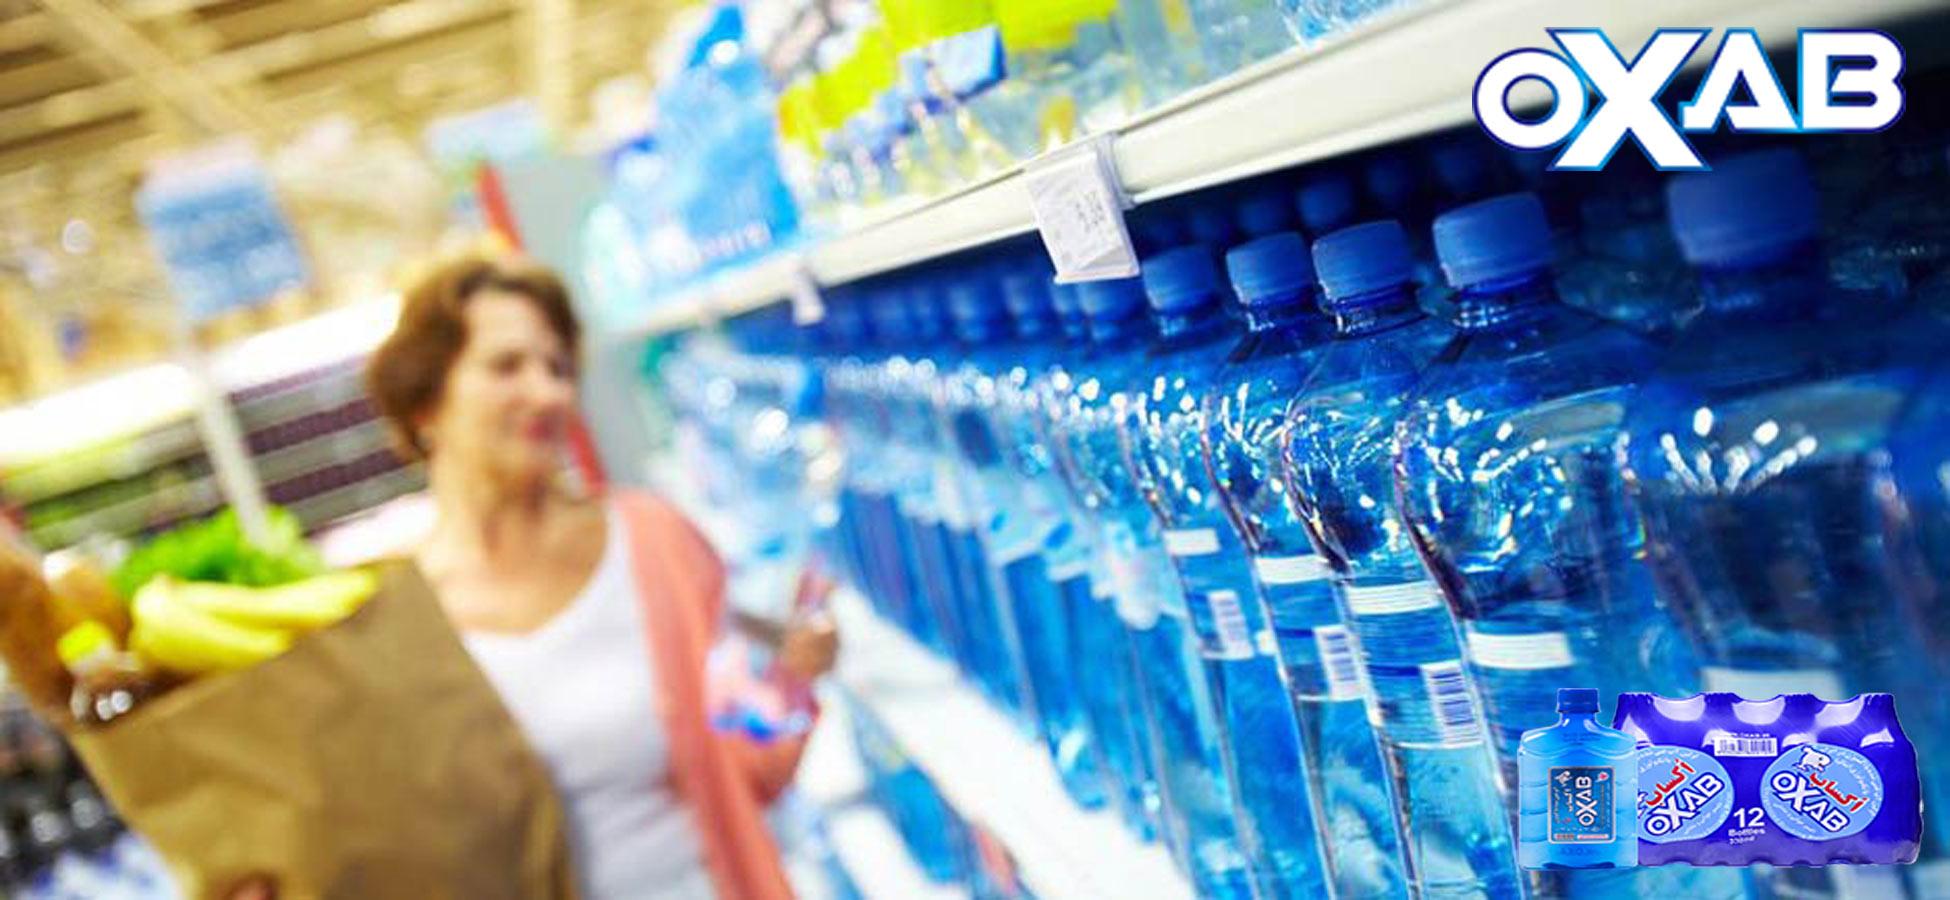 مهمترین ماده معدنی موجود در آب اشامیدنی چیست؟ خرید آب